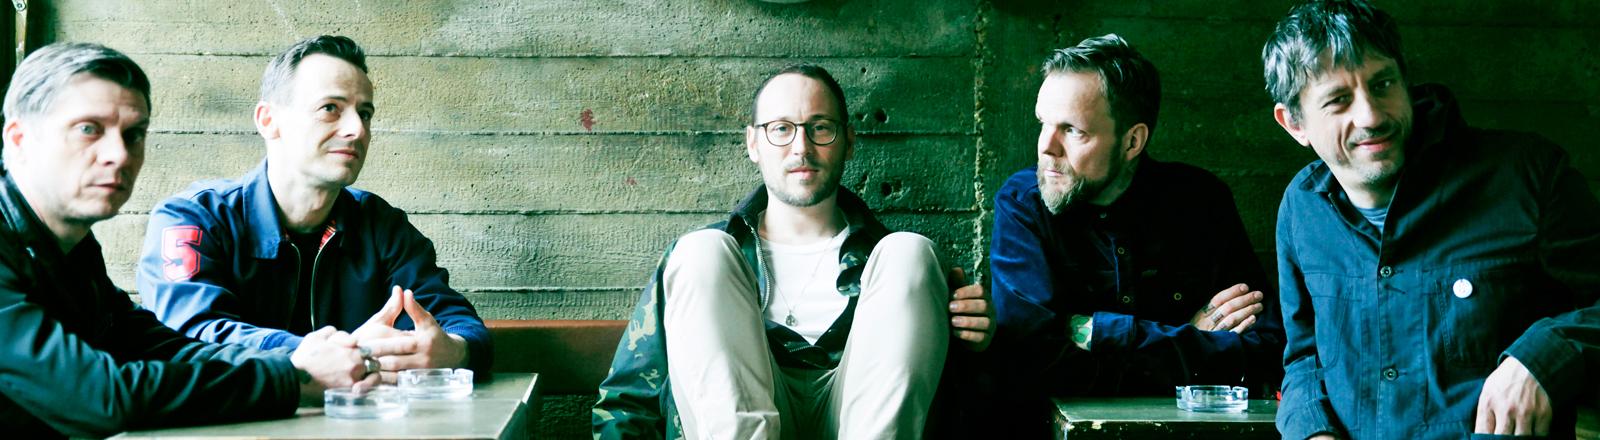 Die Band Beatsteaks auf einem Pressefoto.